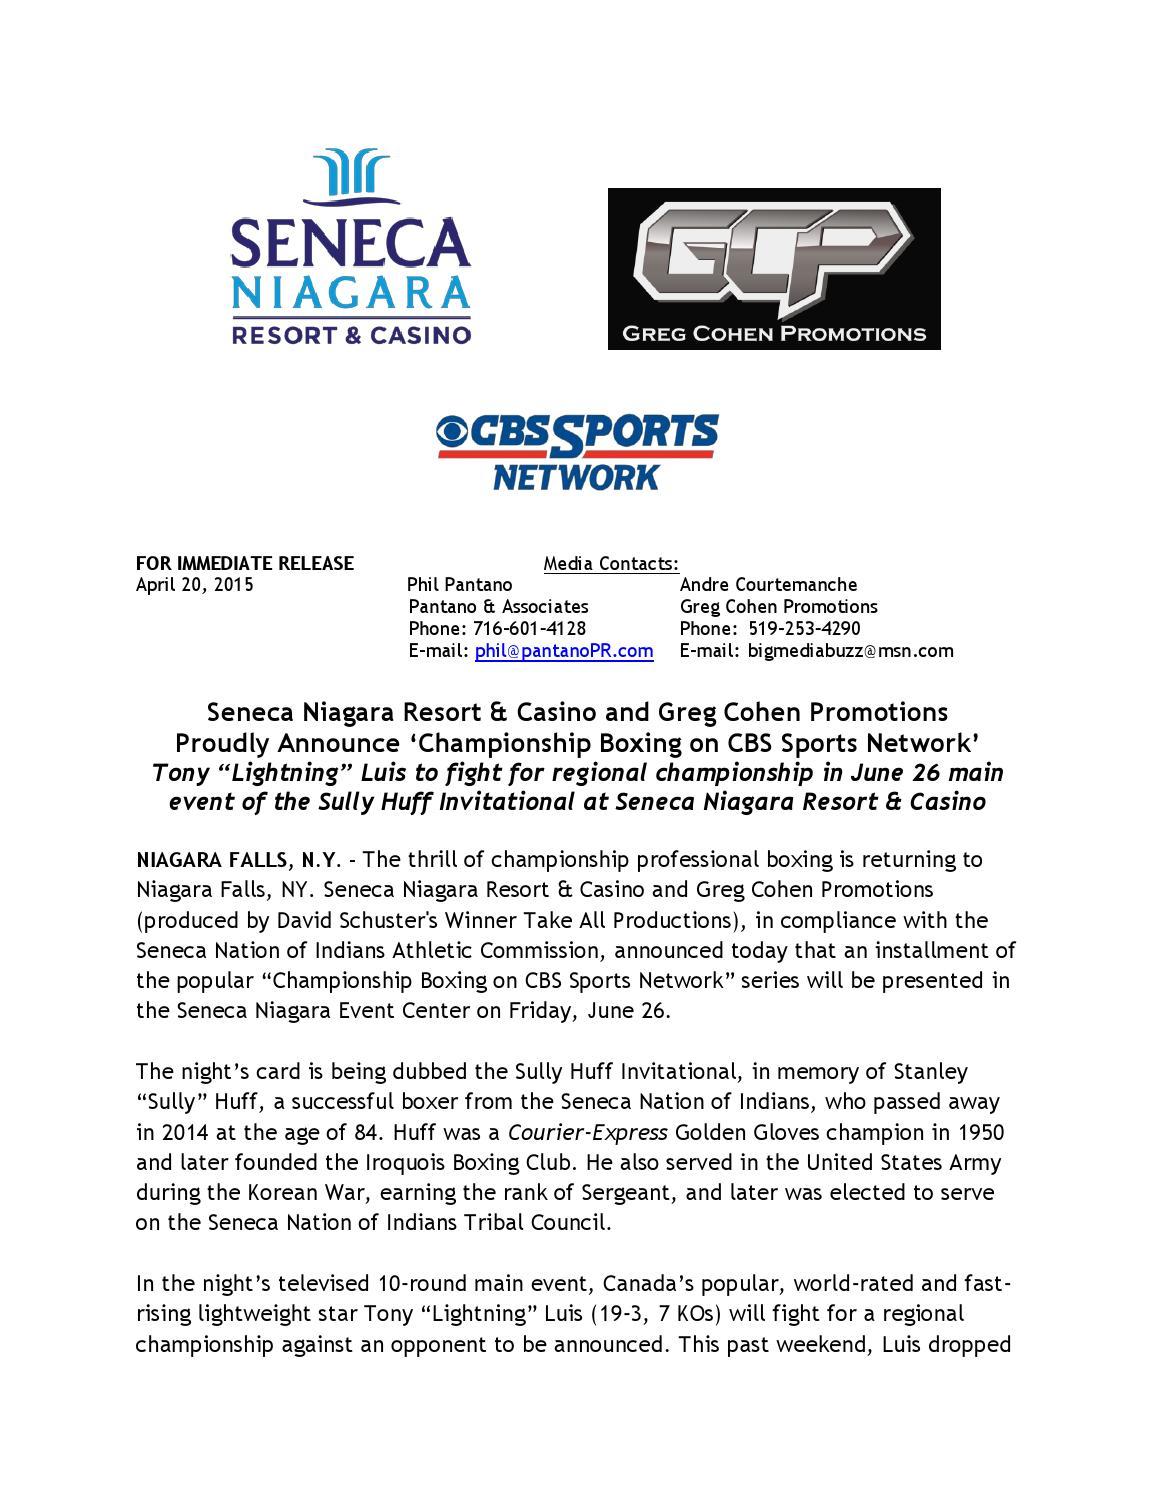 Seneca falls casino phone number